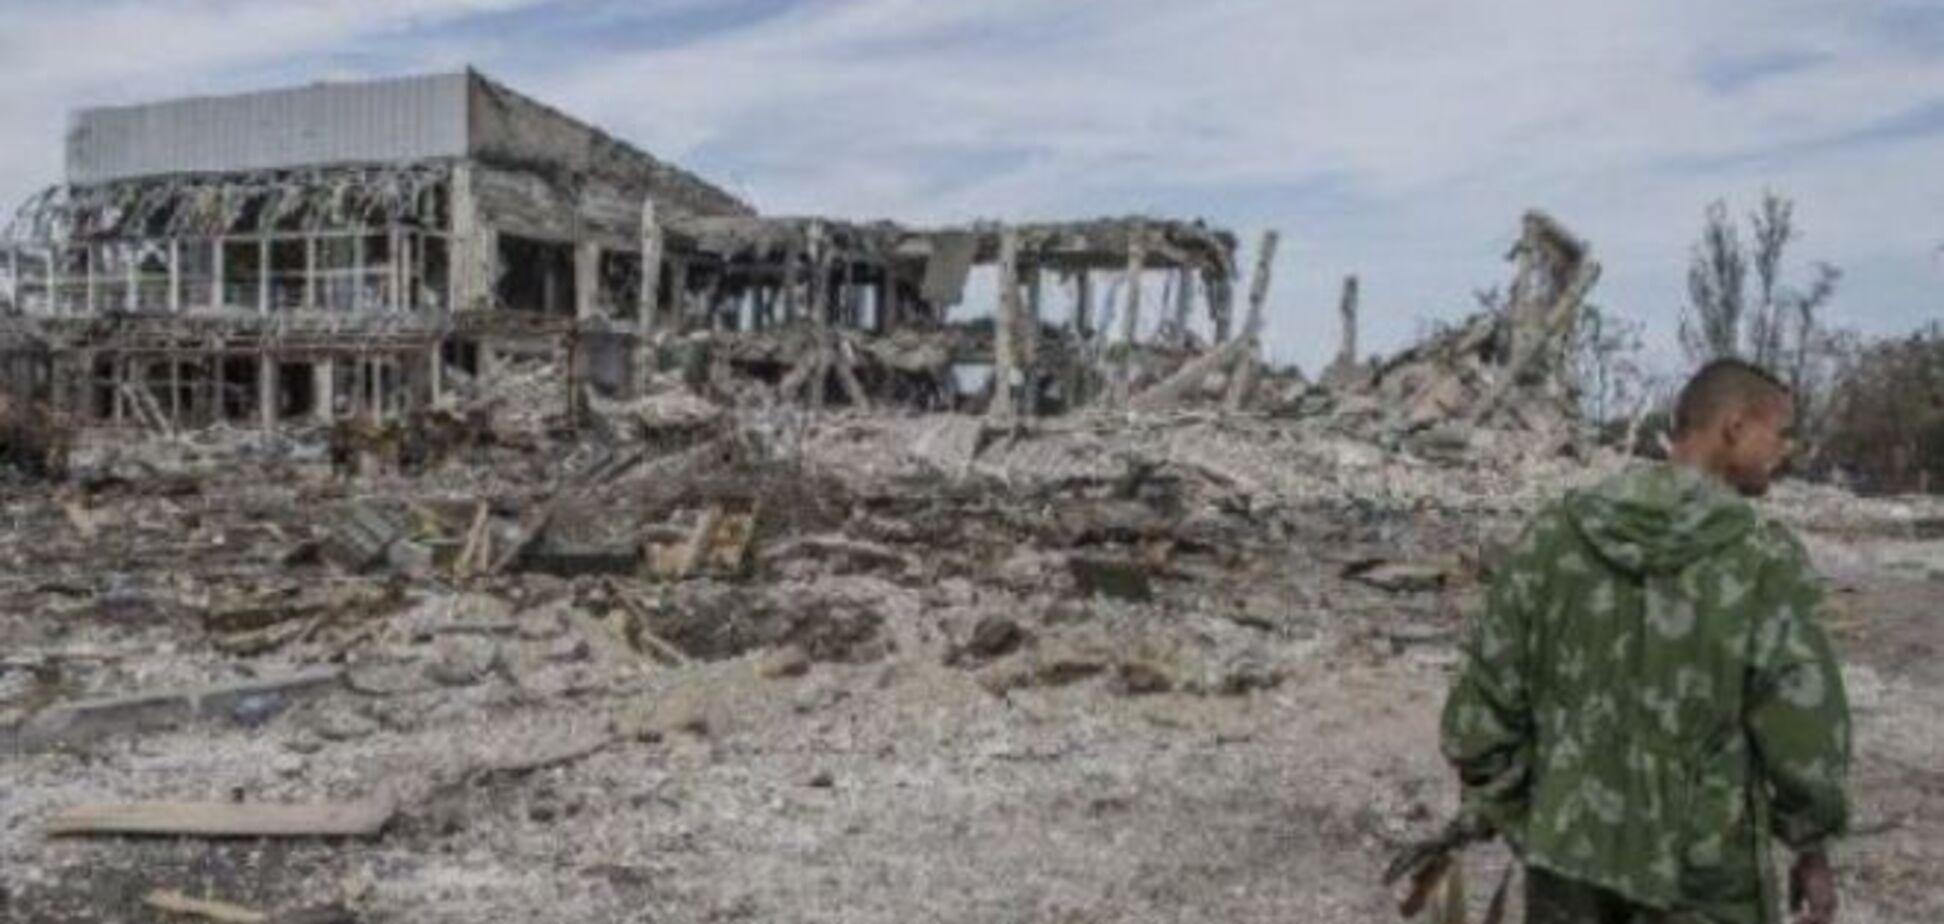 Навколо донецького аеропорту посилилися бойові дії - ОБСЄ